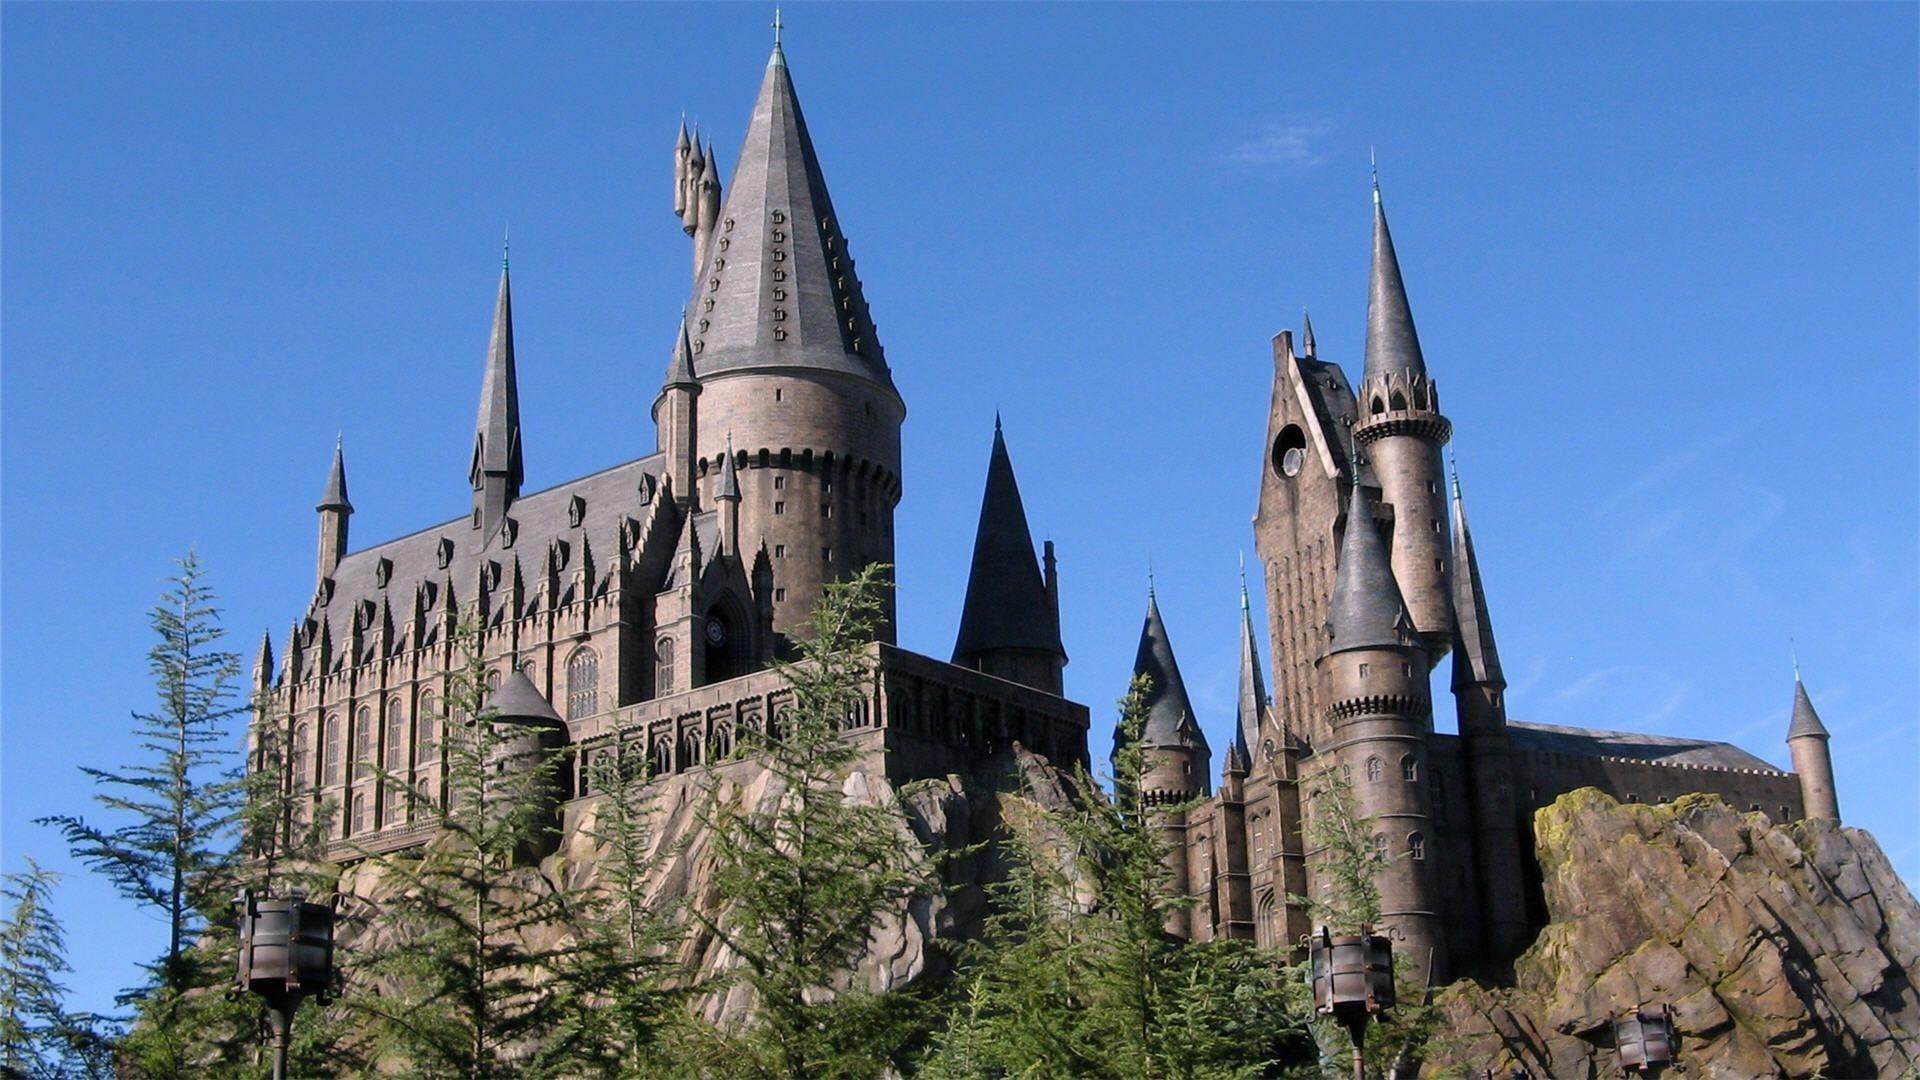 Hogwarts Castle Wallpapers Top Free Hogwarts Castle Backgrounds